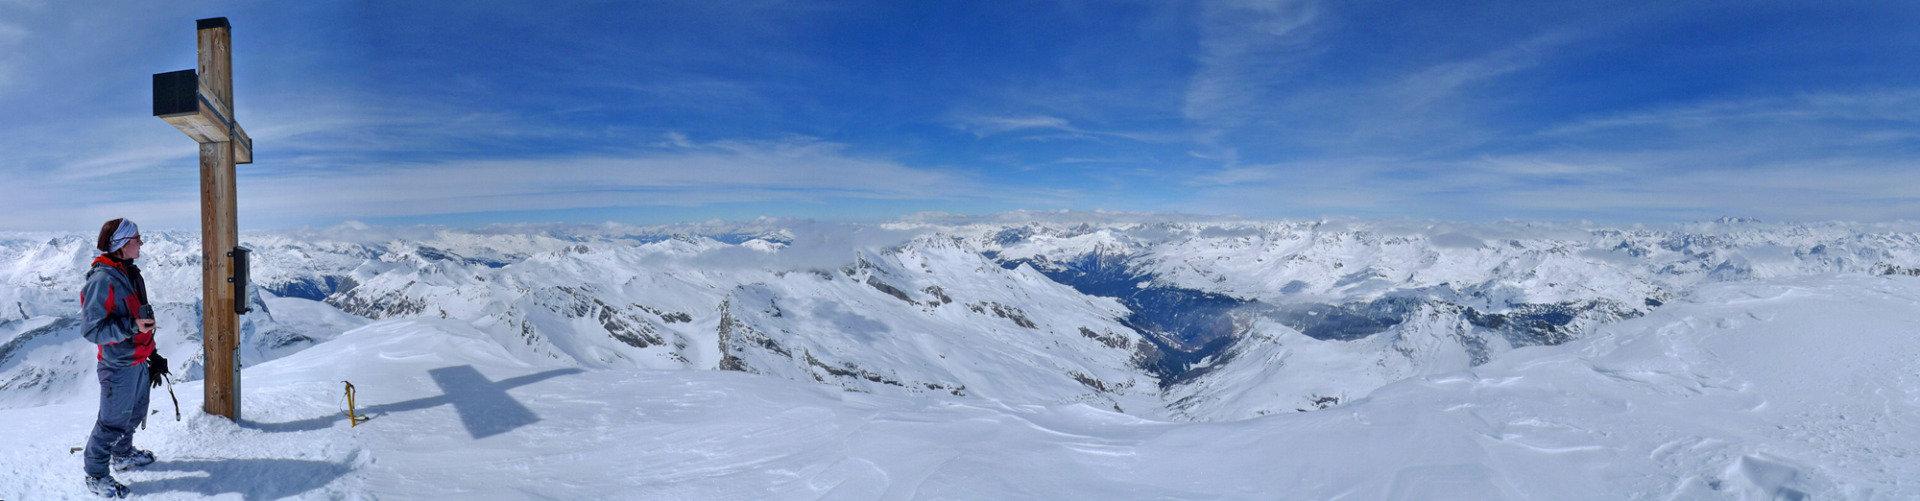 Ziel erreicht: Am Gipfel des Piz Platta - © SkitourGuru.com